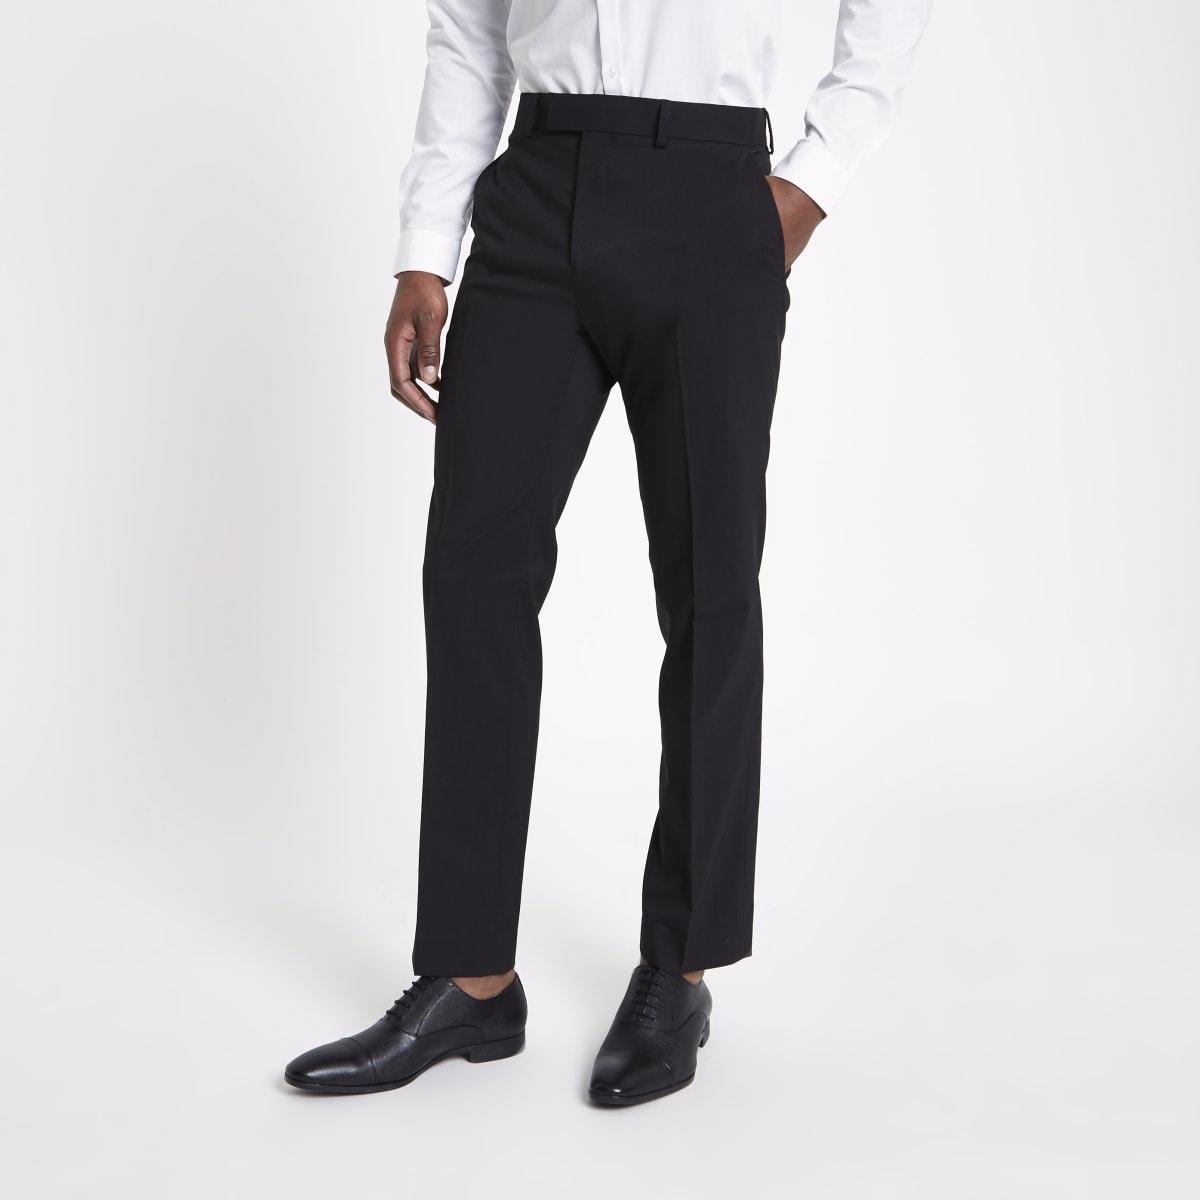 Black tailored fit suit pants